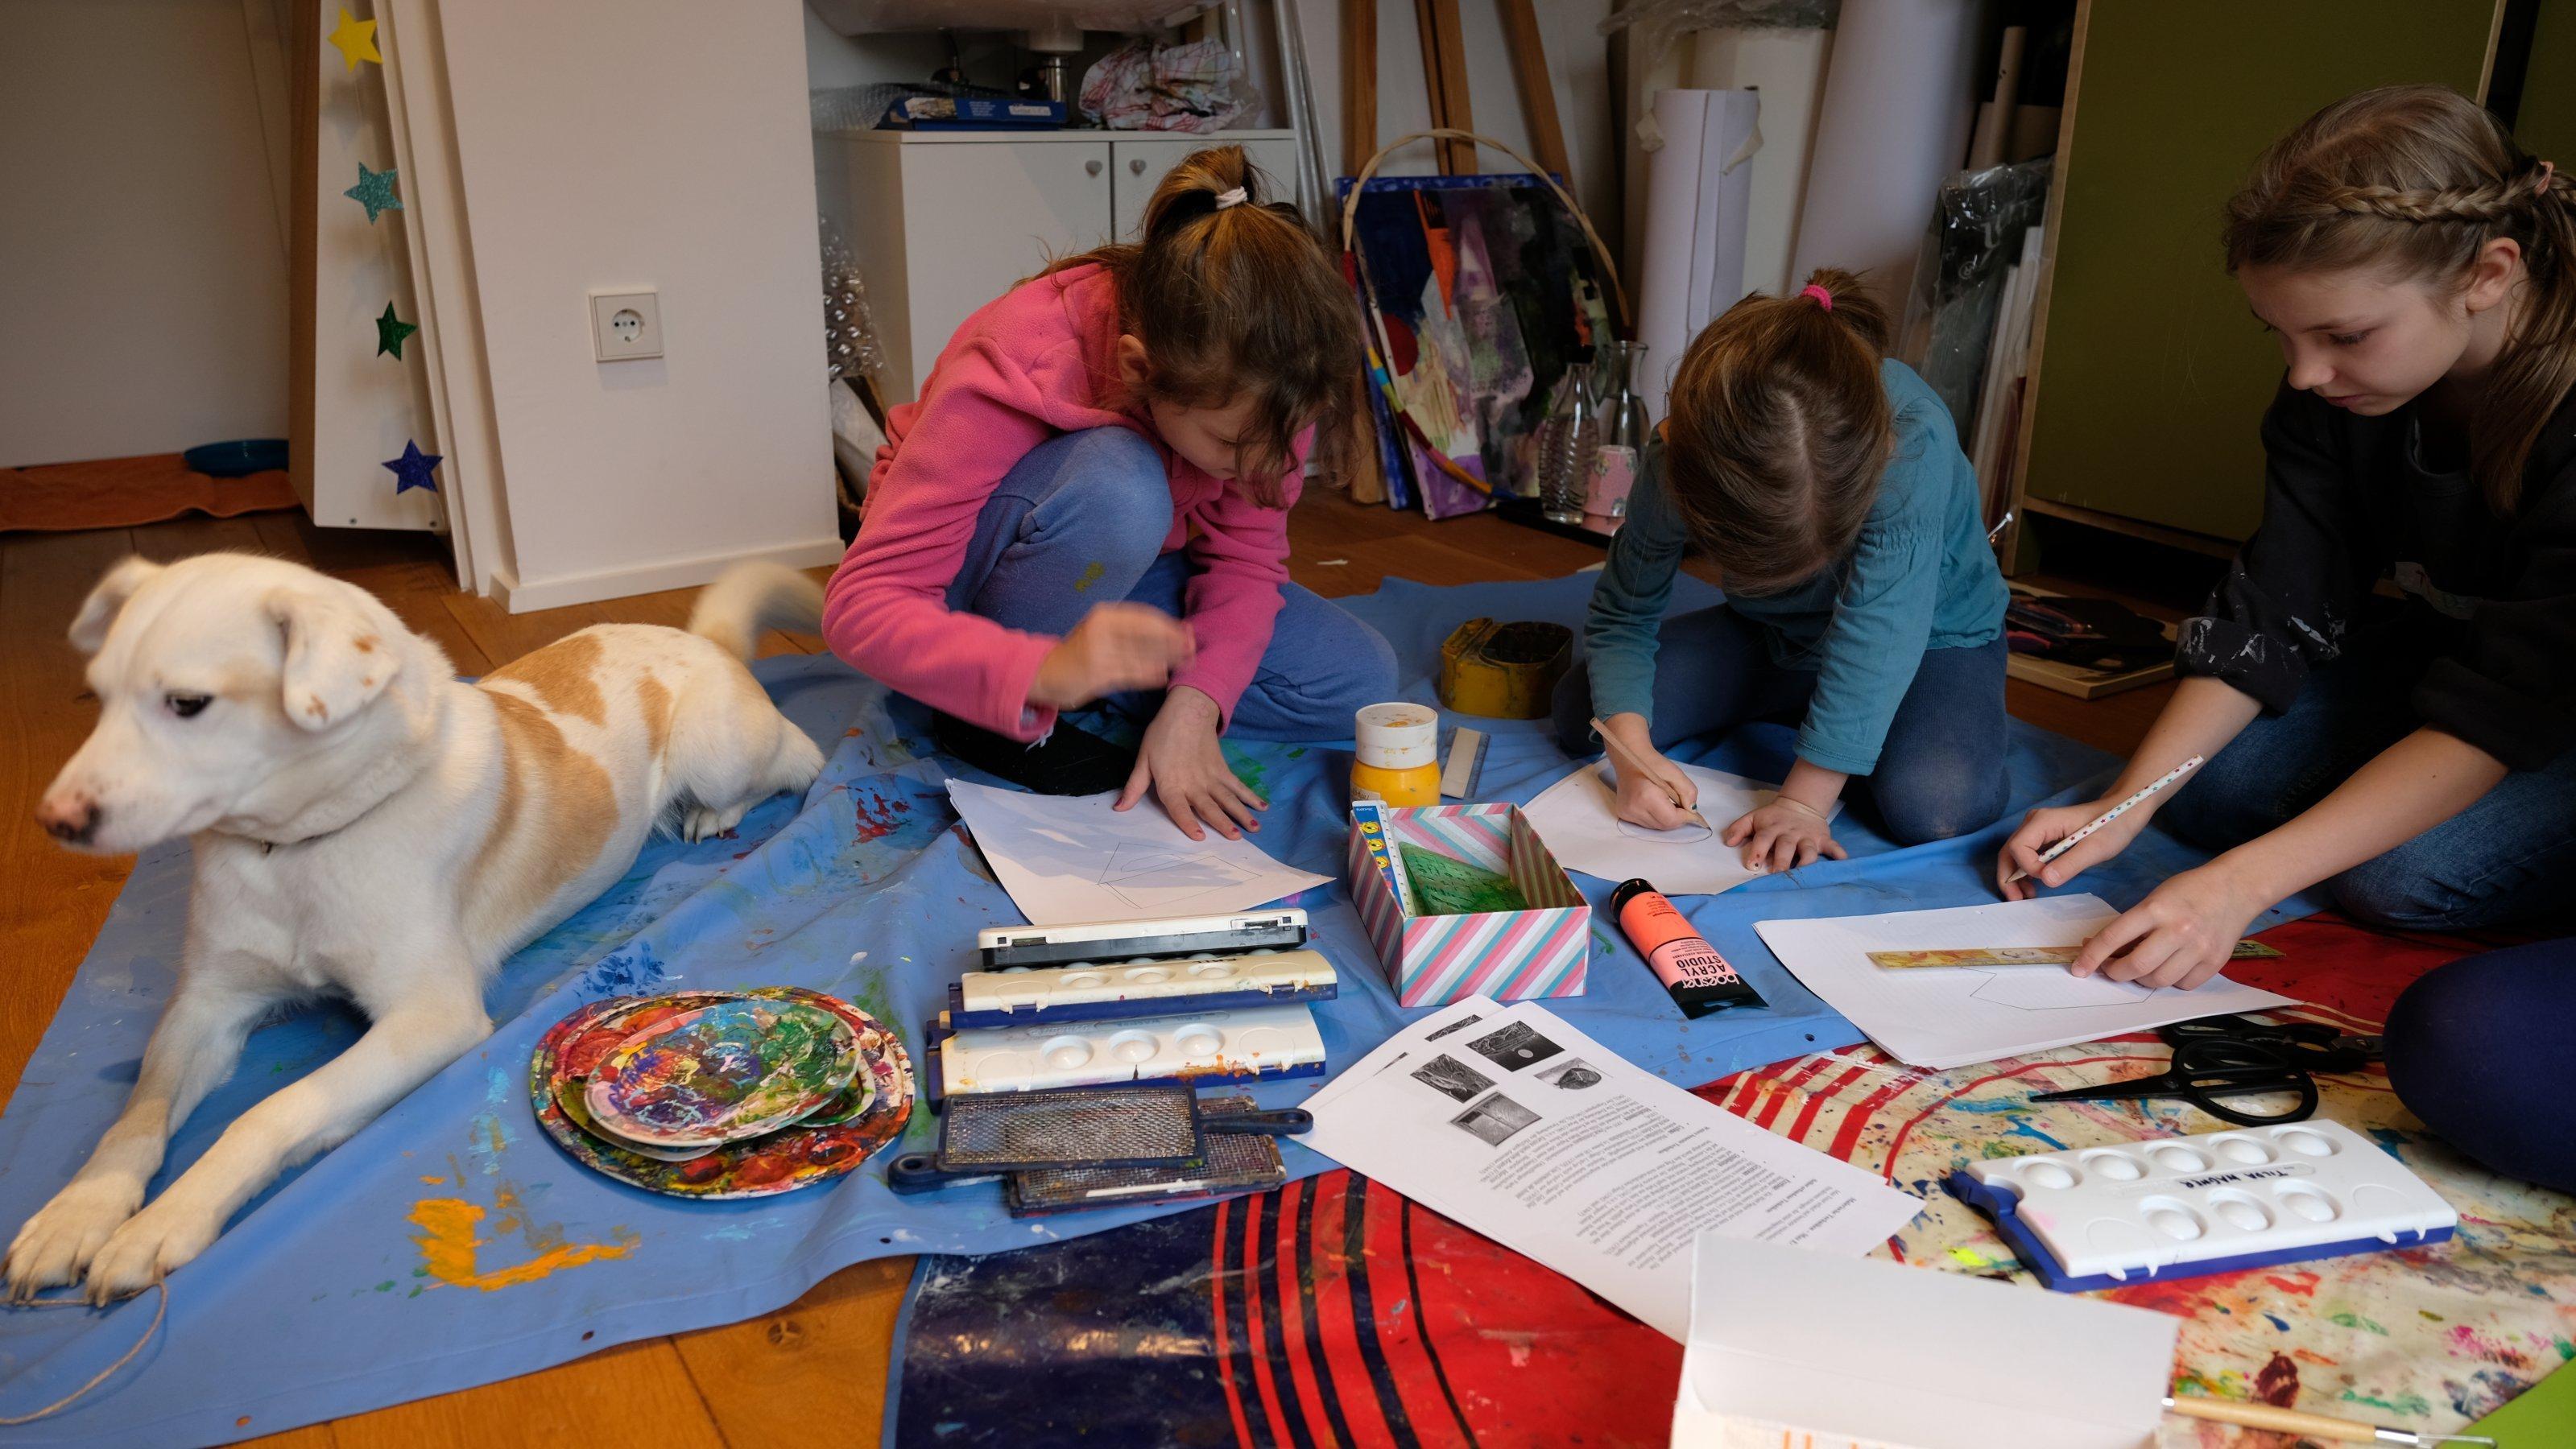 Auf einer blauen Wachstischdecke voller Farbe sitzen drei Mädchen und beginnen, ihre weißen Blätter zu gestalten. Die weiß-braune Hündin guckt zur Seite.